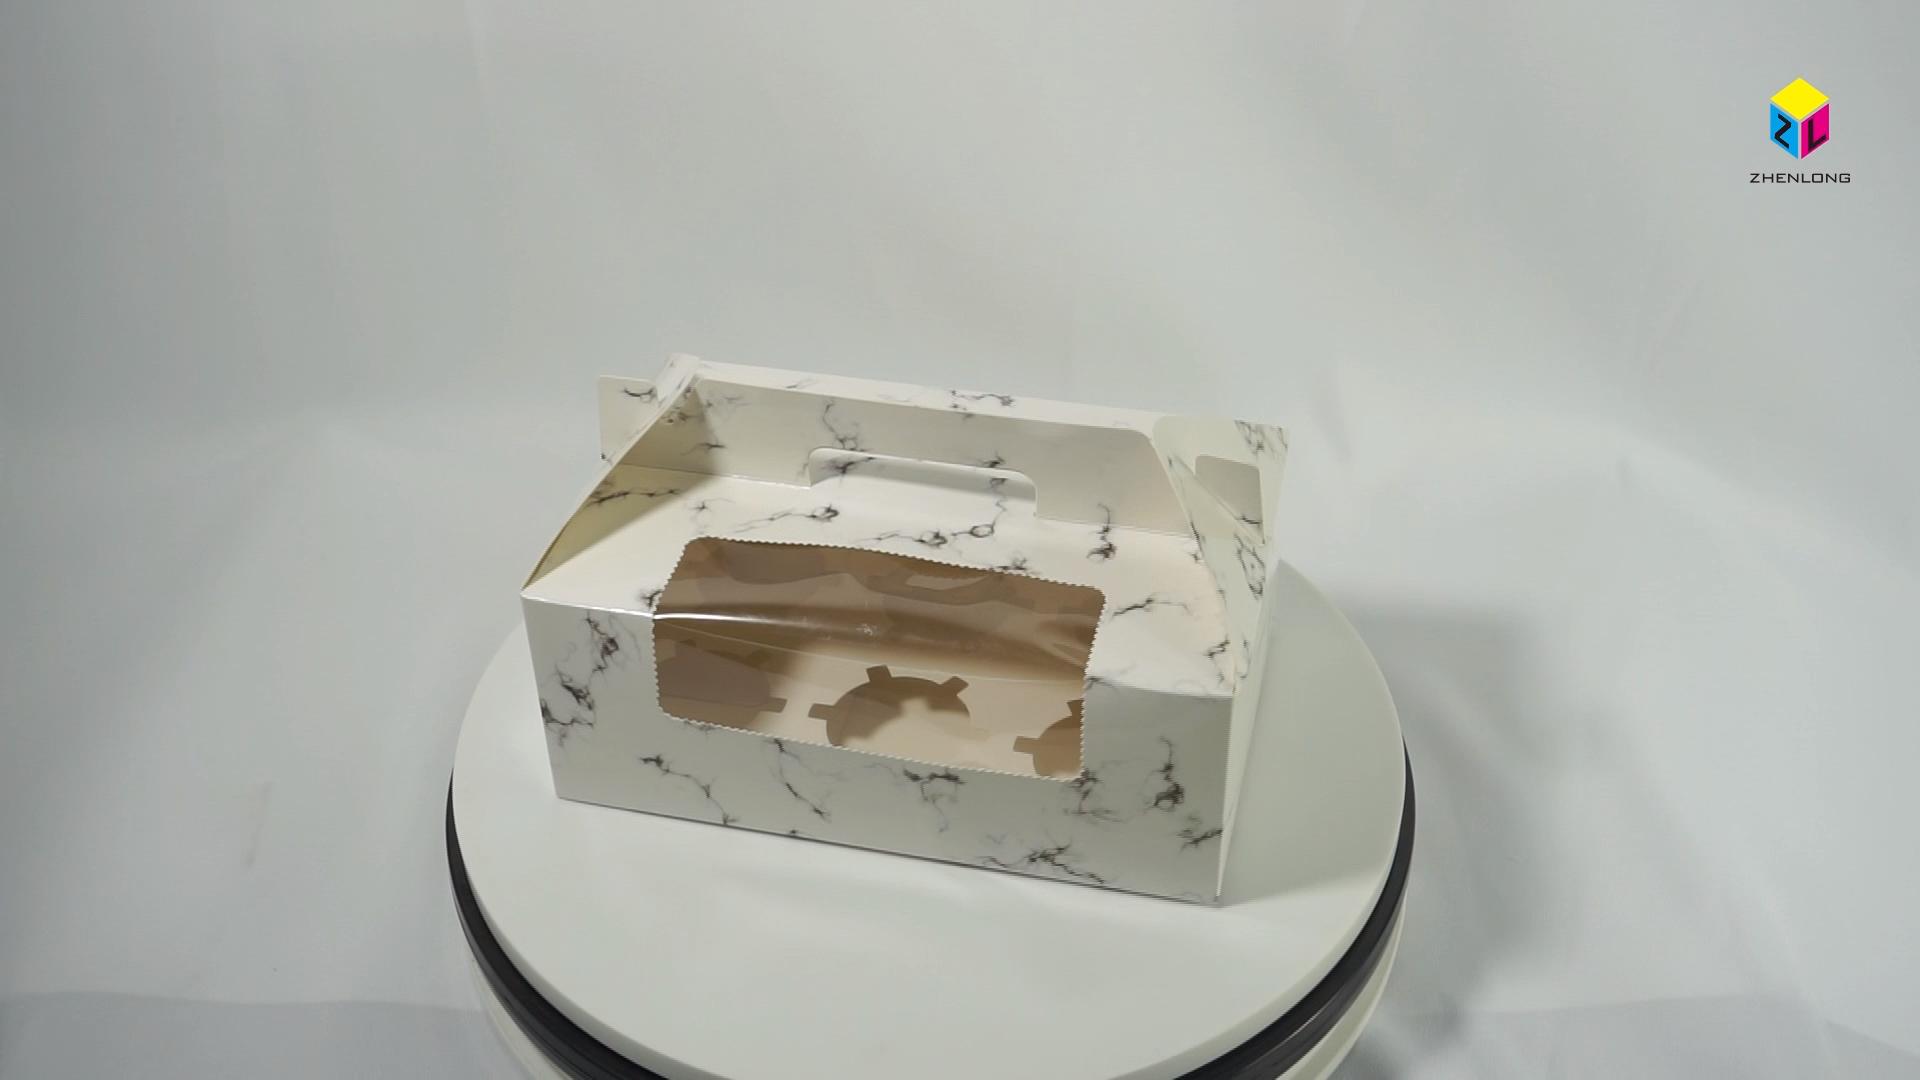 Pişirme ambalaj kek kağıt pencere kutusu toplu ambalaj içinde düğün tatlı kek hediye kutusu saplı